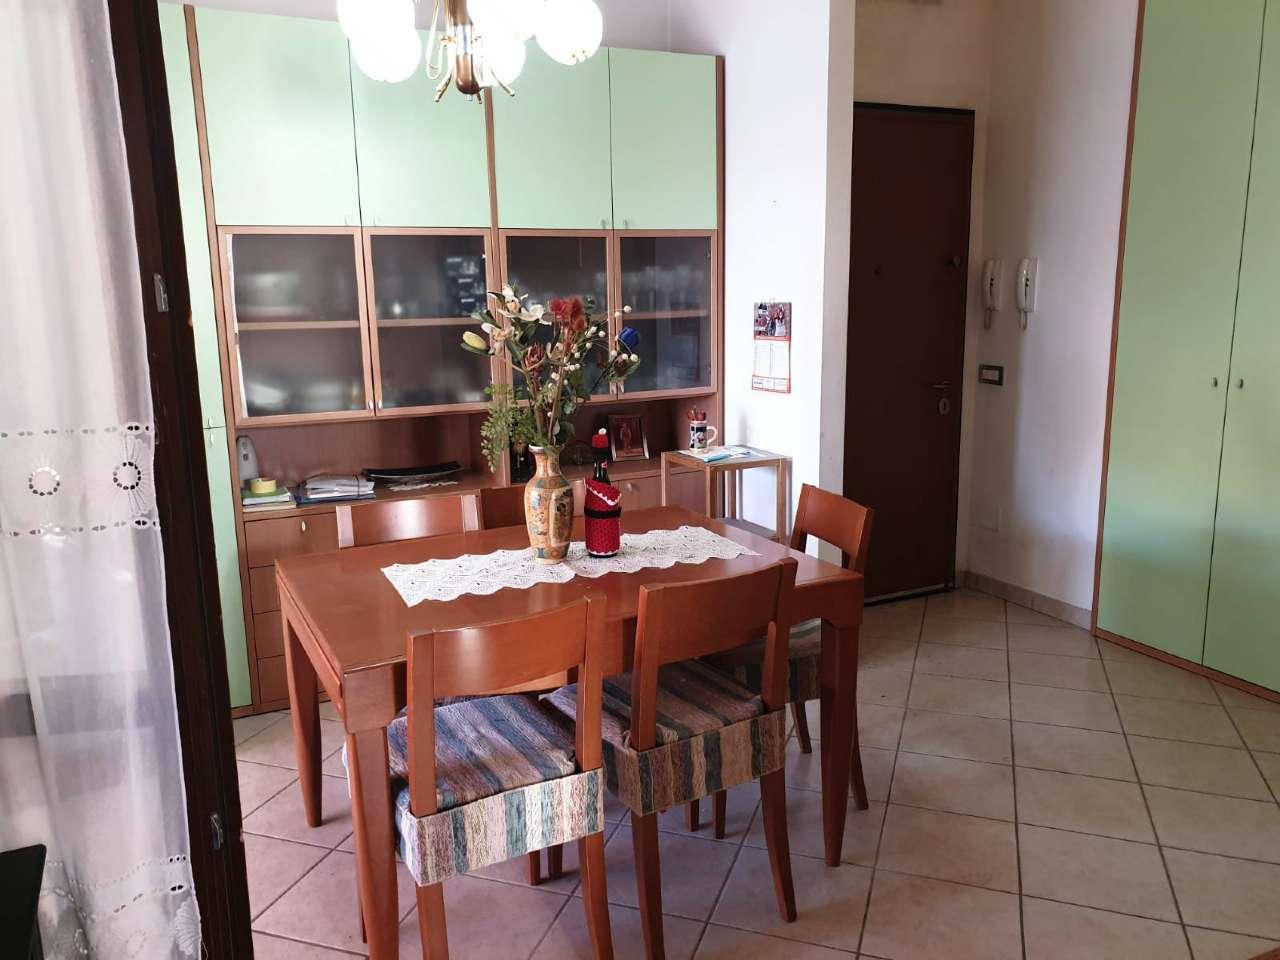 Appartamento in vendita a Agugliano, 3 locali, prezzo € 105.000   CambioCasa.it